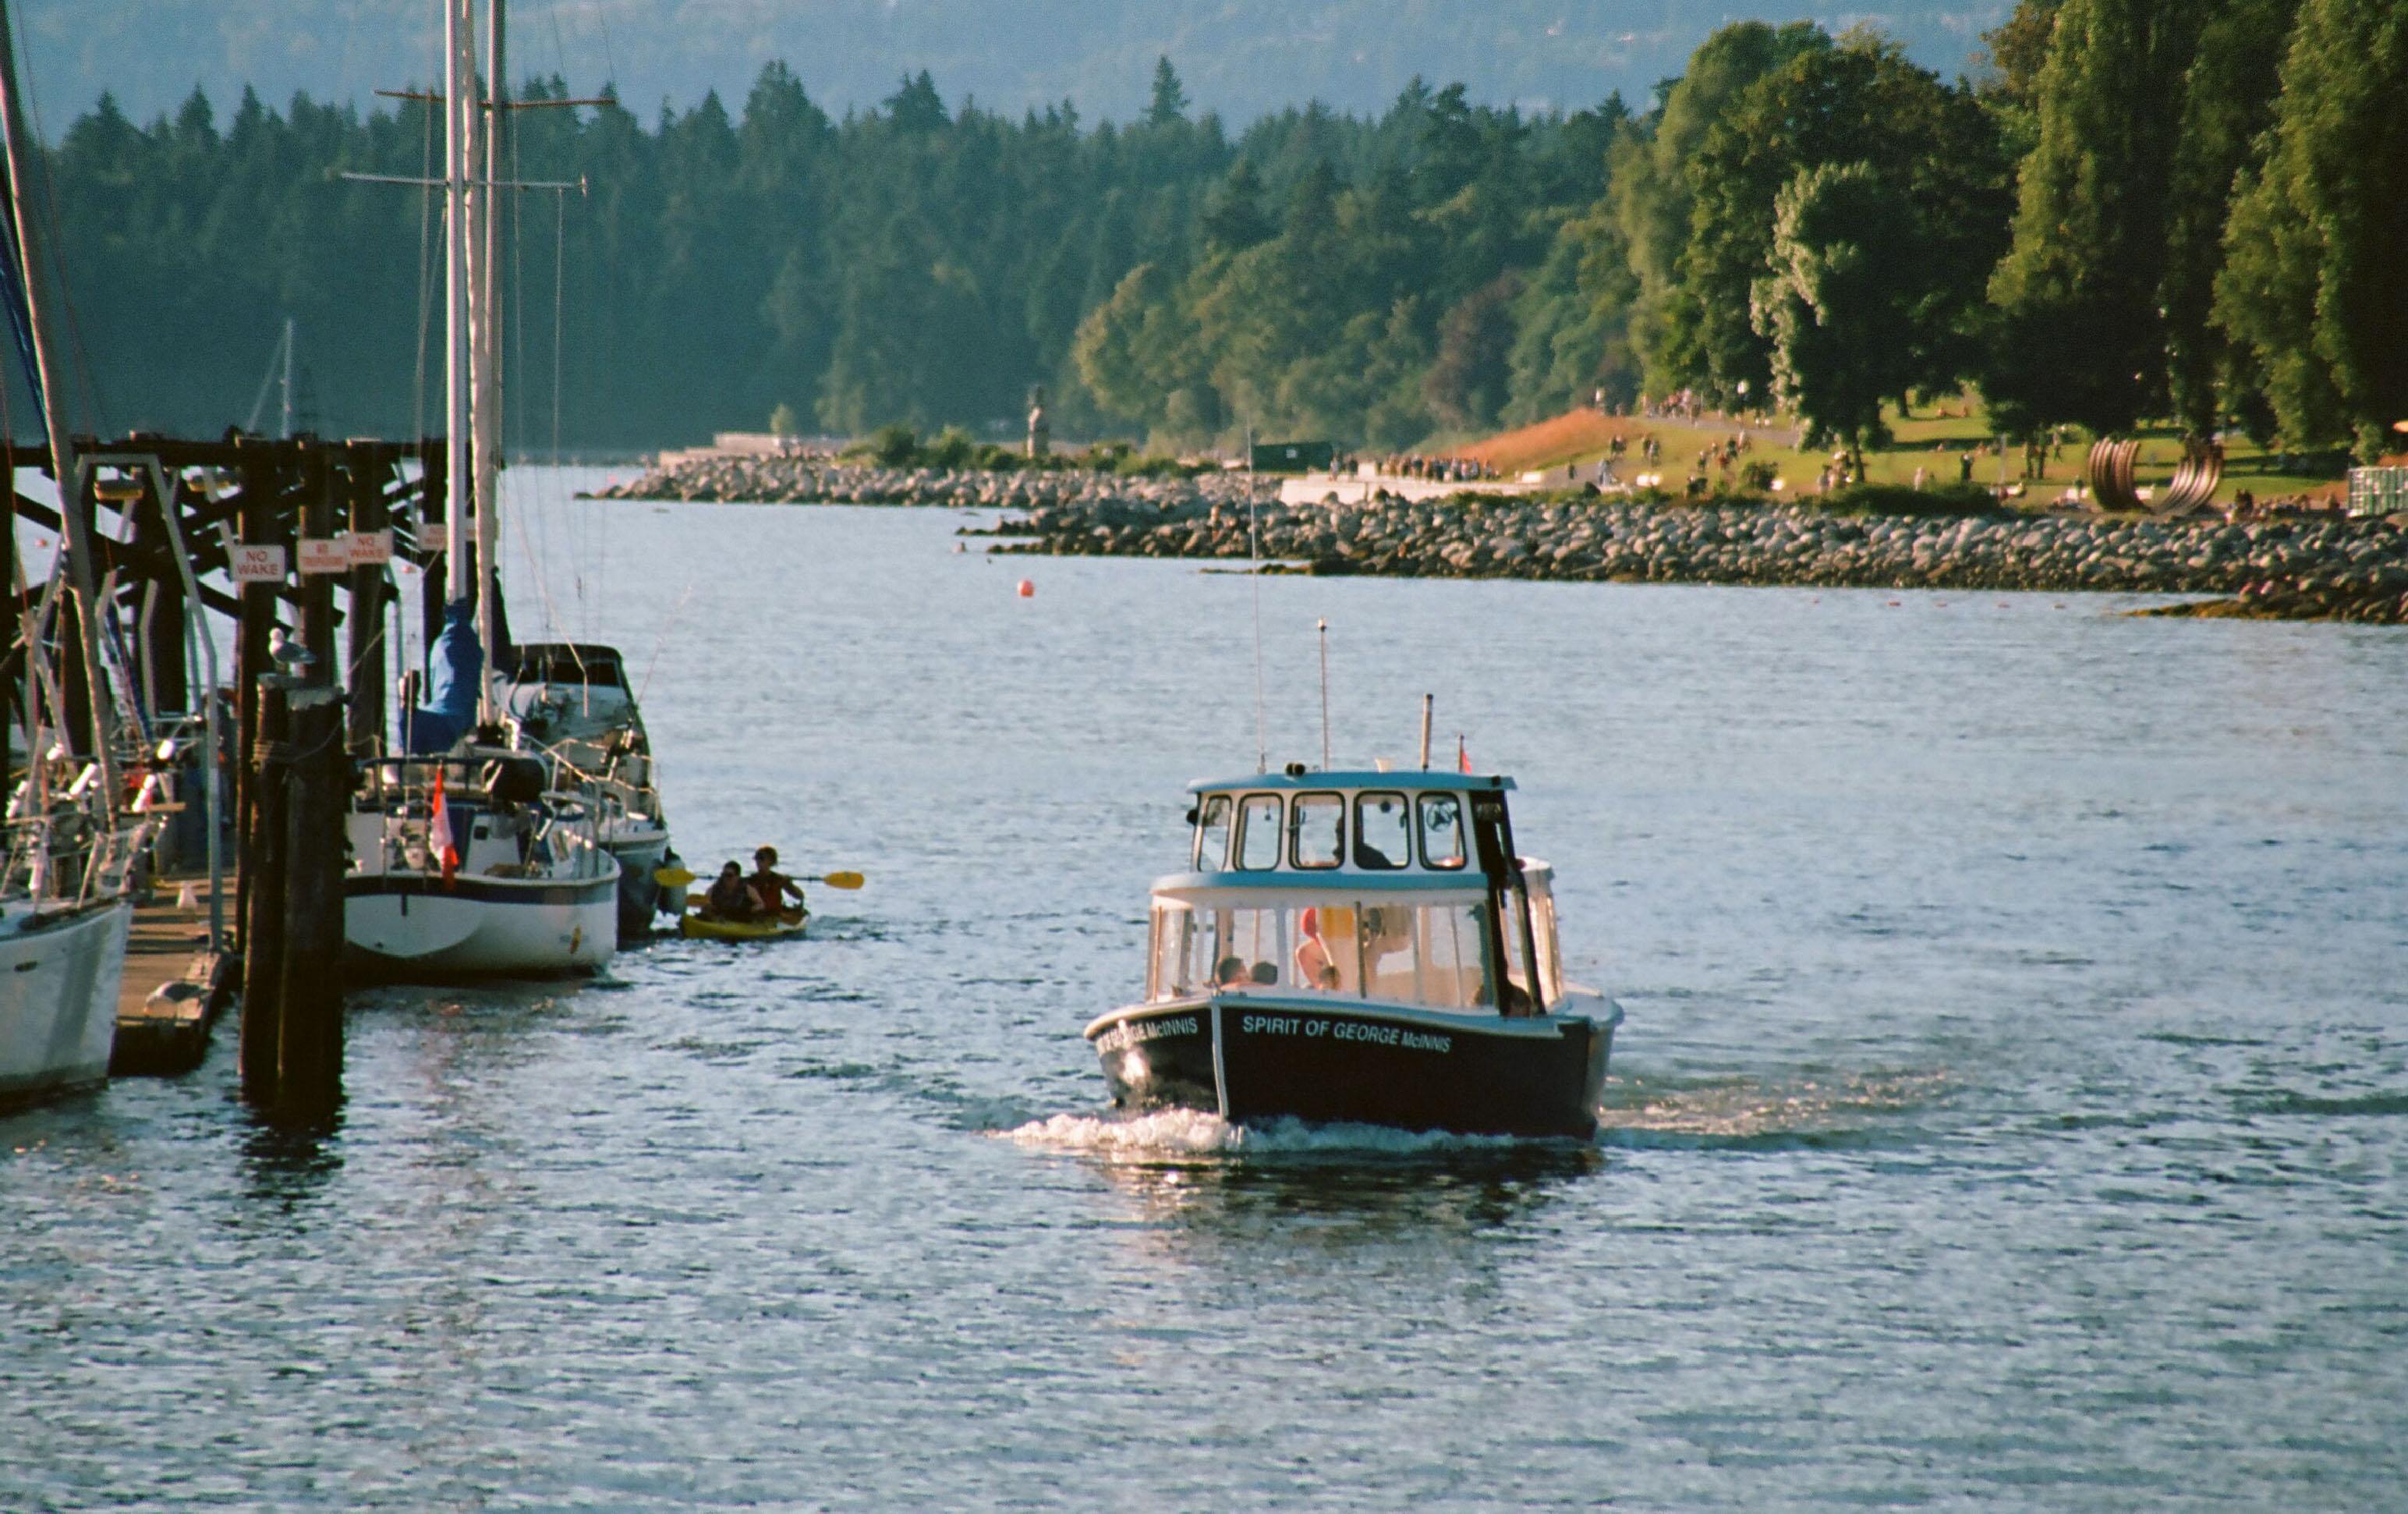 Granville island ferry photo